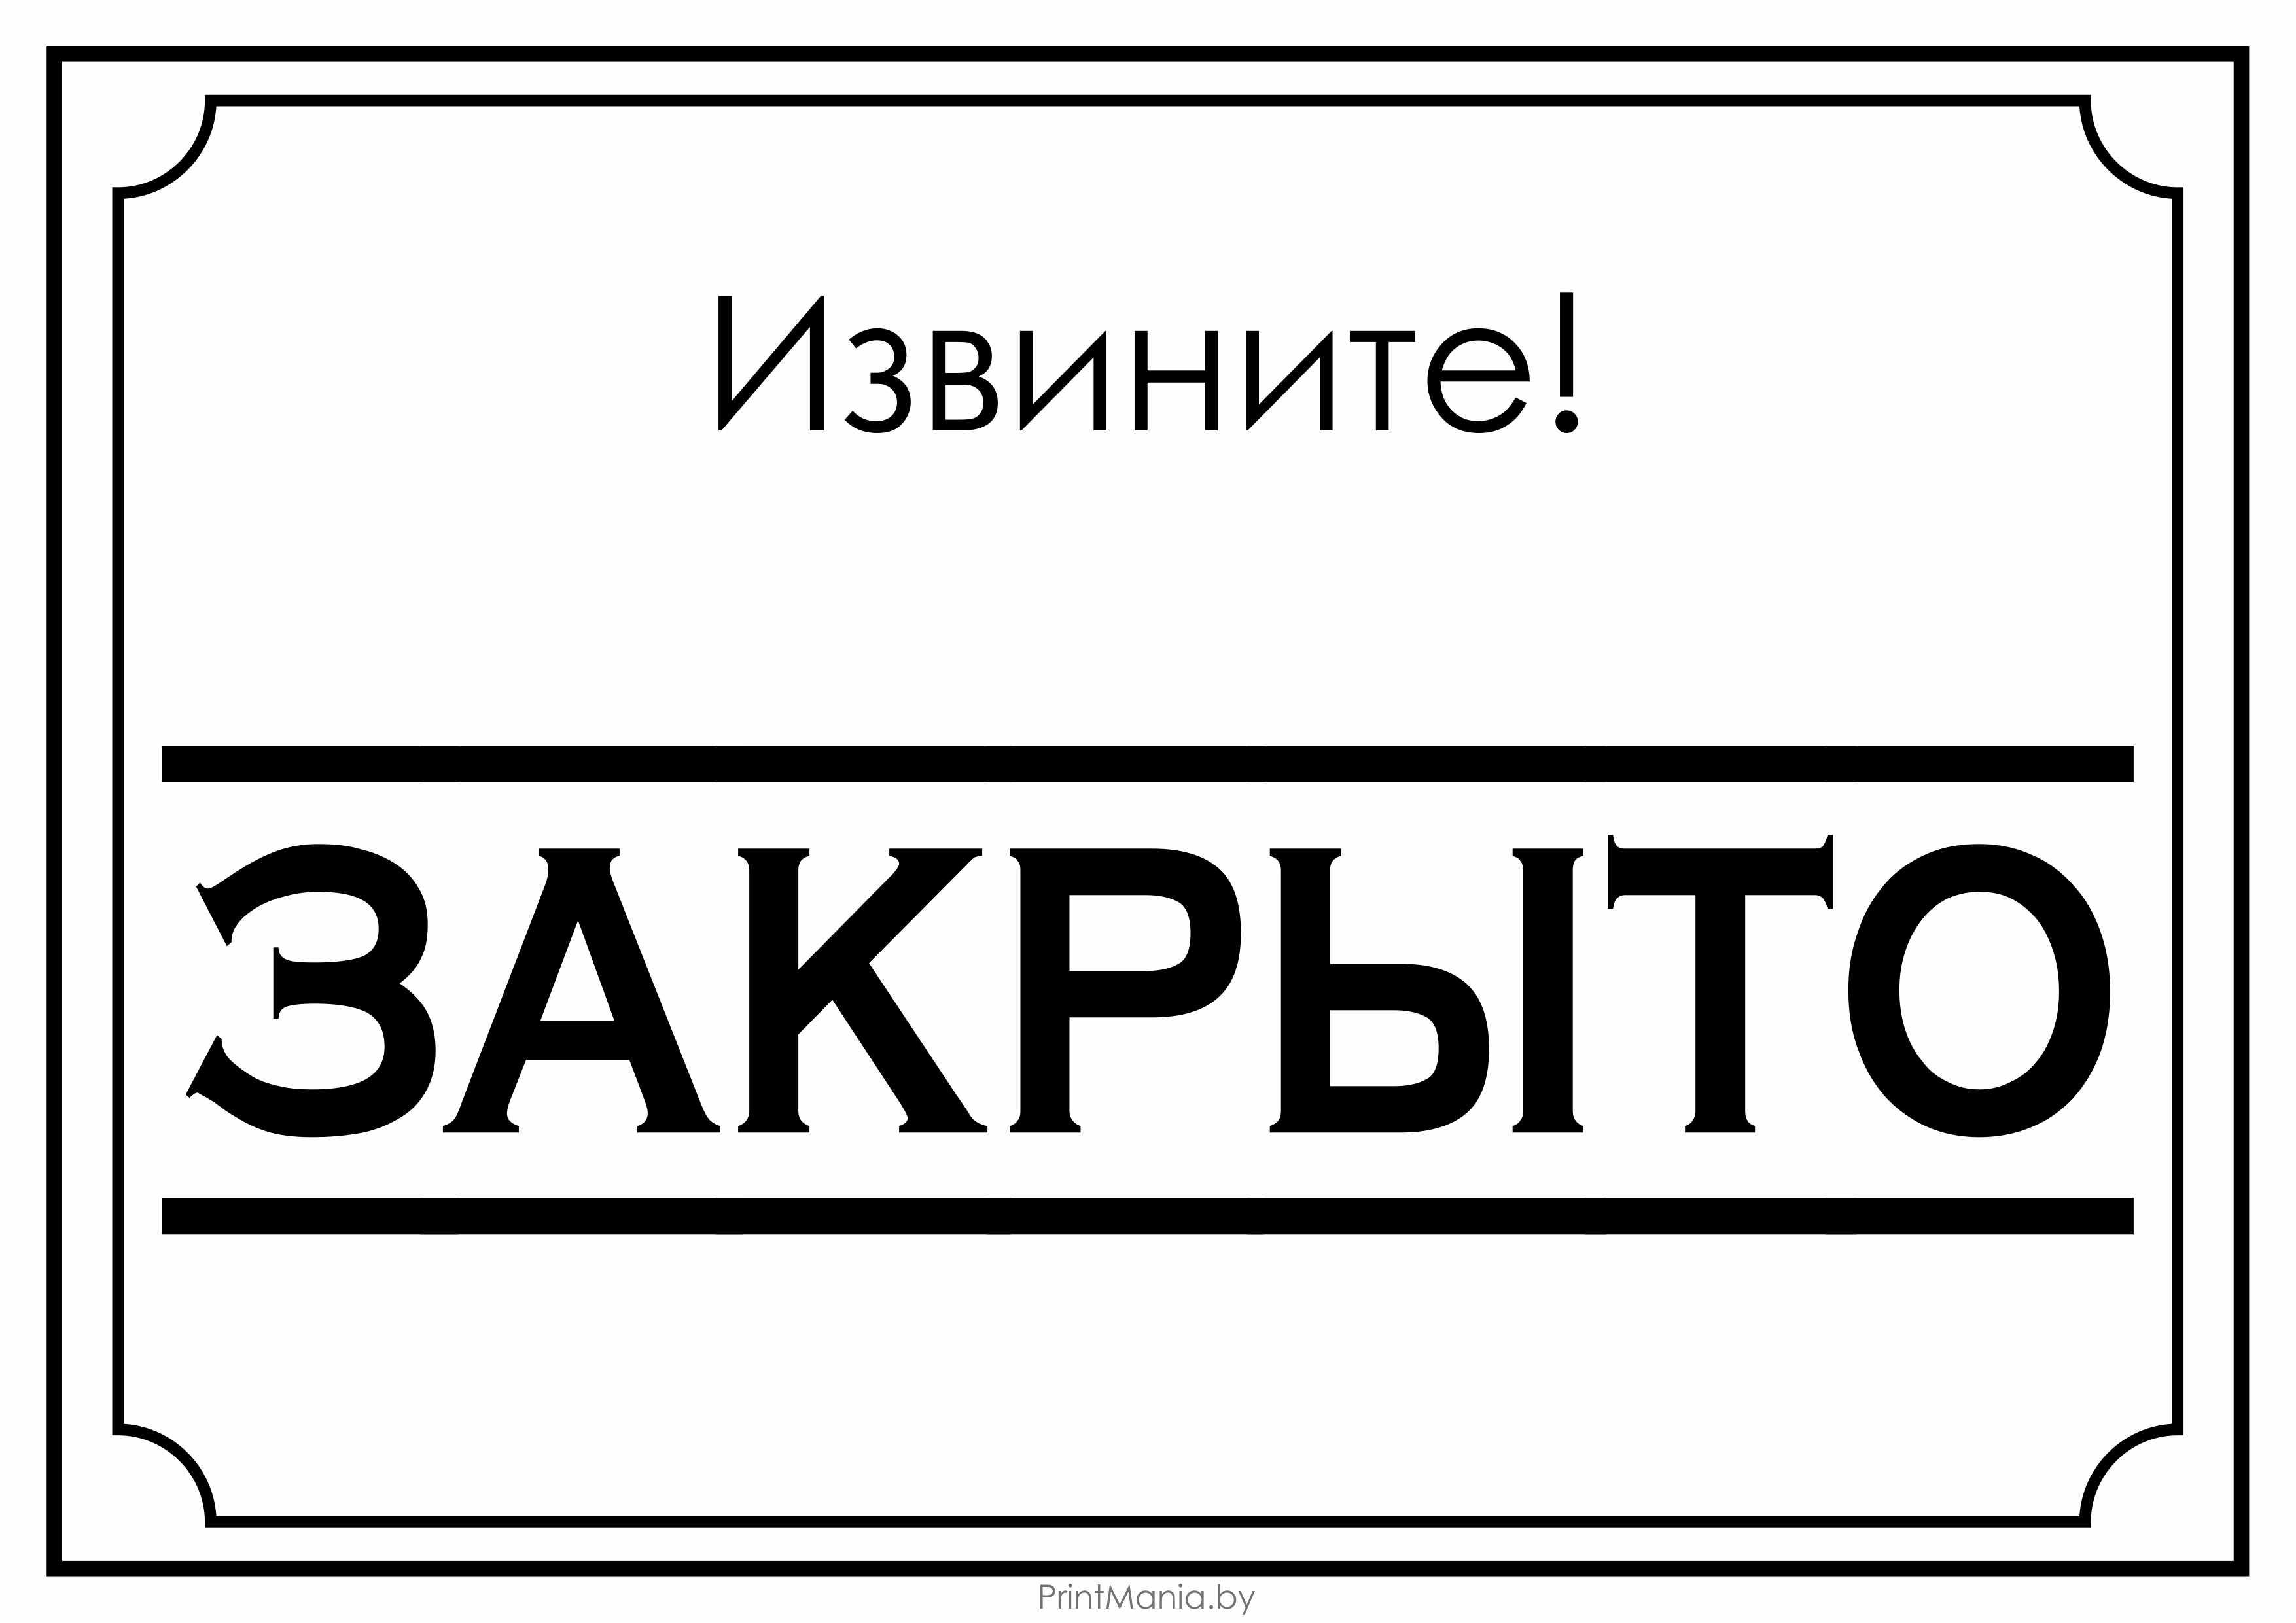 Черно-белые картинки для распечатки с надписями, аленушка